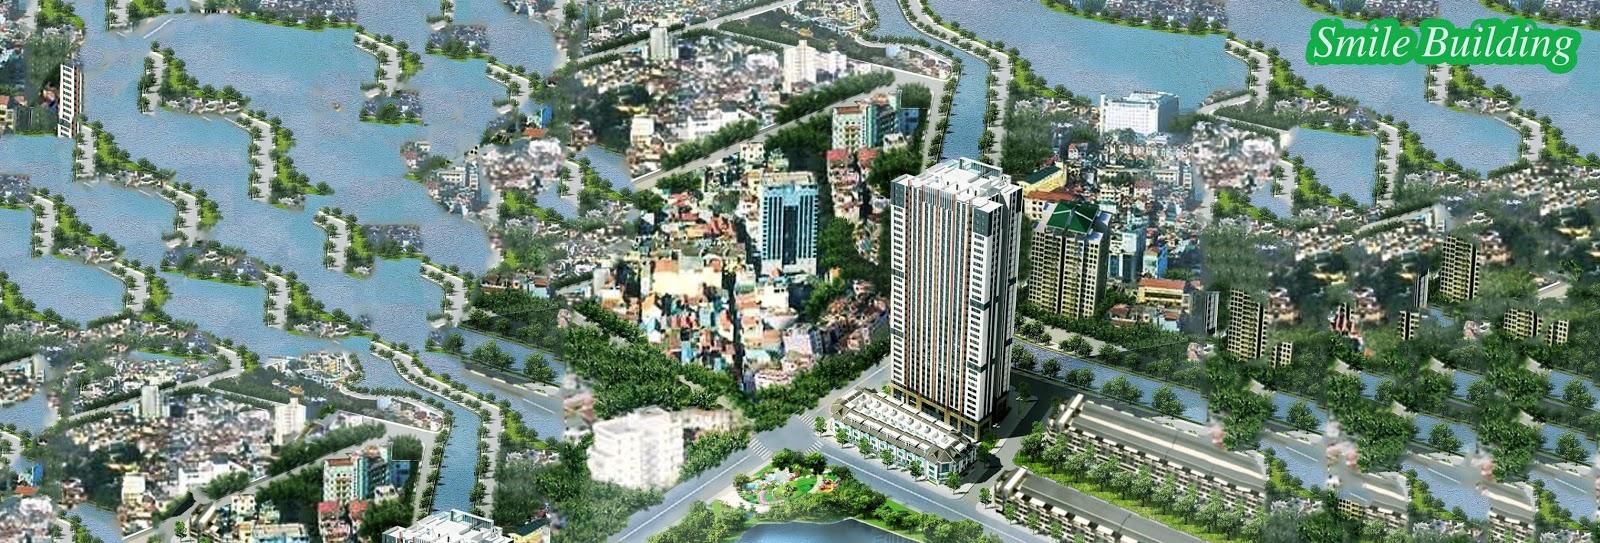 Chung cư Trung Yên Smile Building